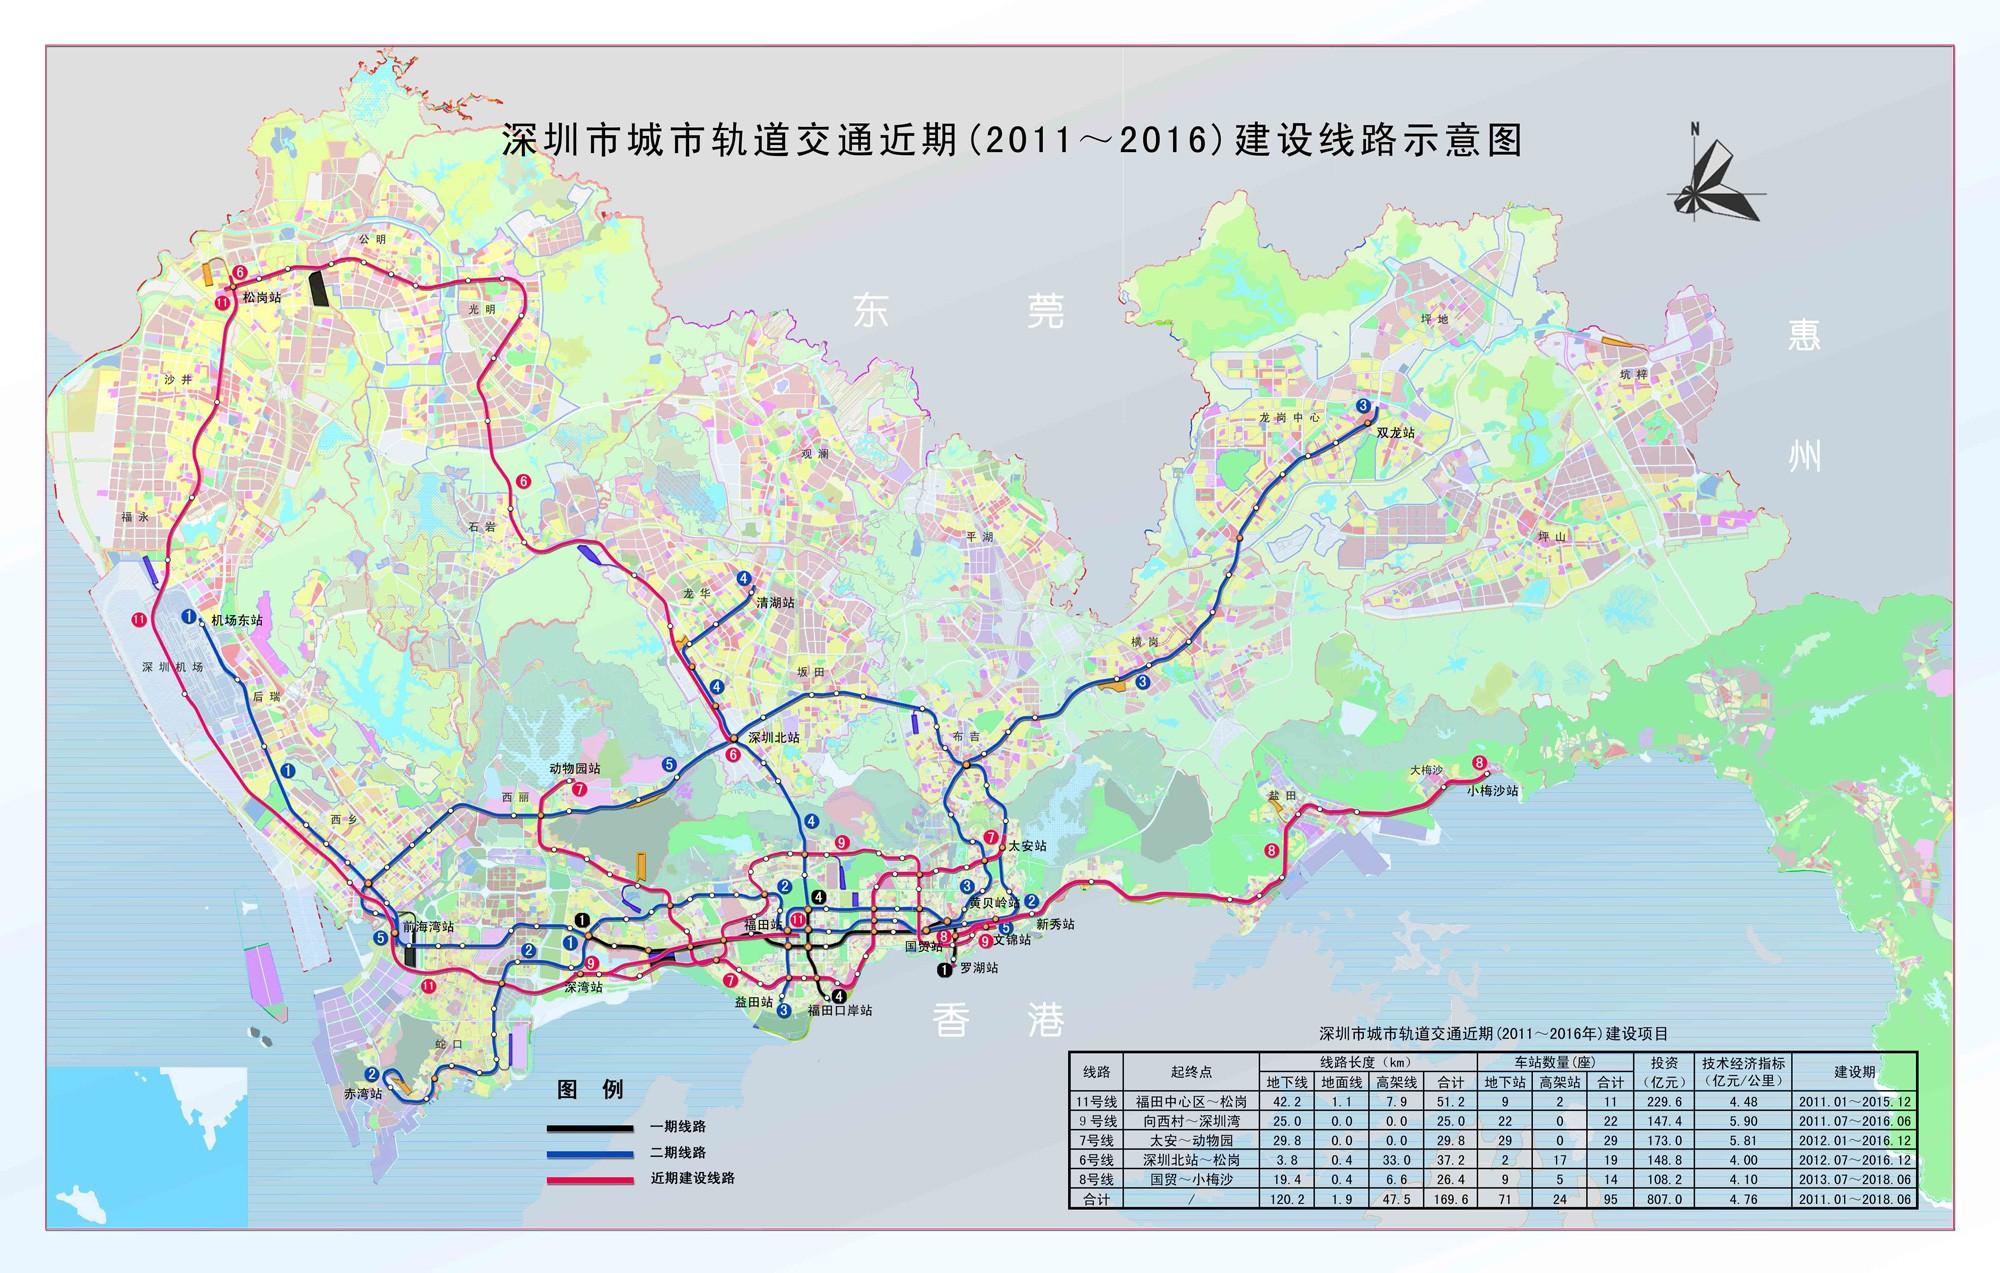 买房宝典:2030年地铁规划图